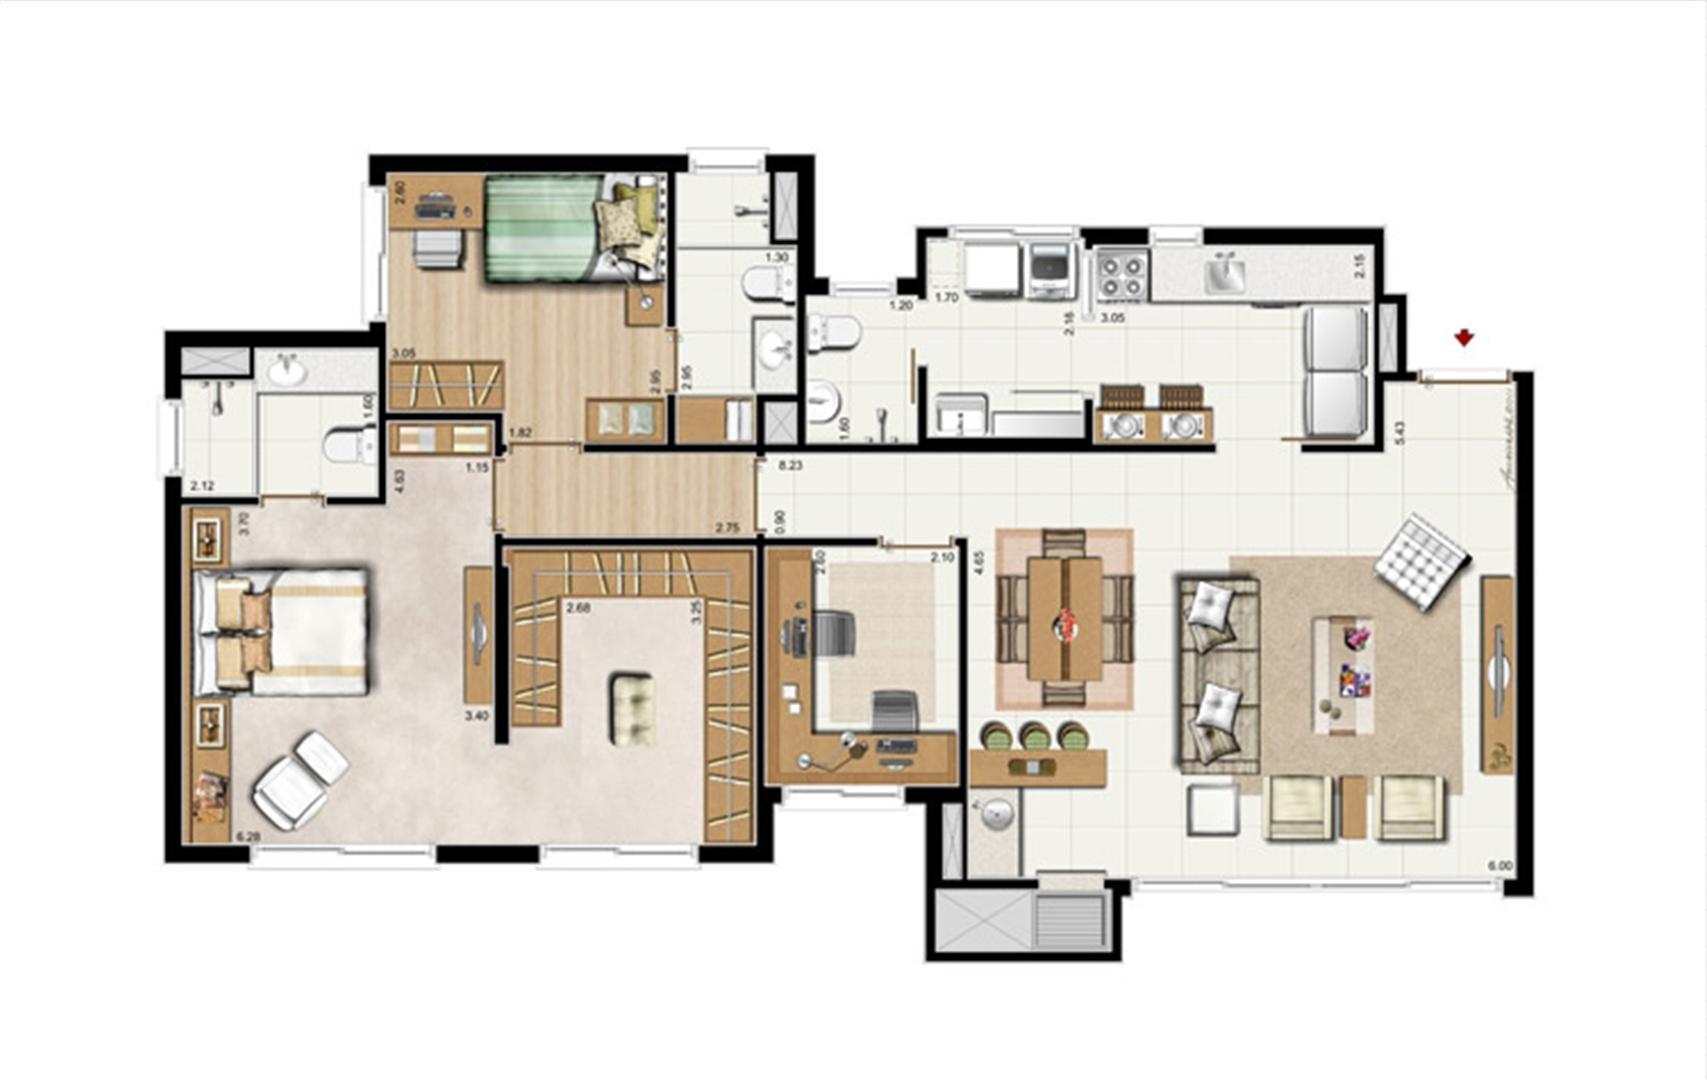 2 suítes + Gabinete – Opção Suíte Master 107 m² privativos - 168 m² de área Total | Riserva Anita – Apartamento na  Boa Vista - Porto Alegre - Rio Grande do Sul